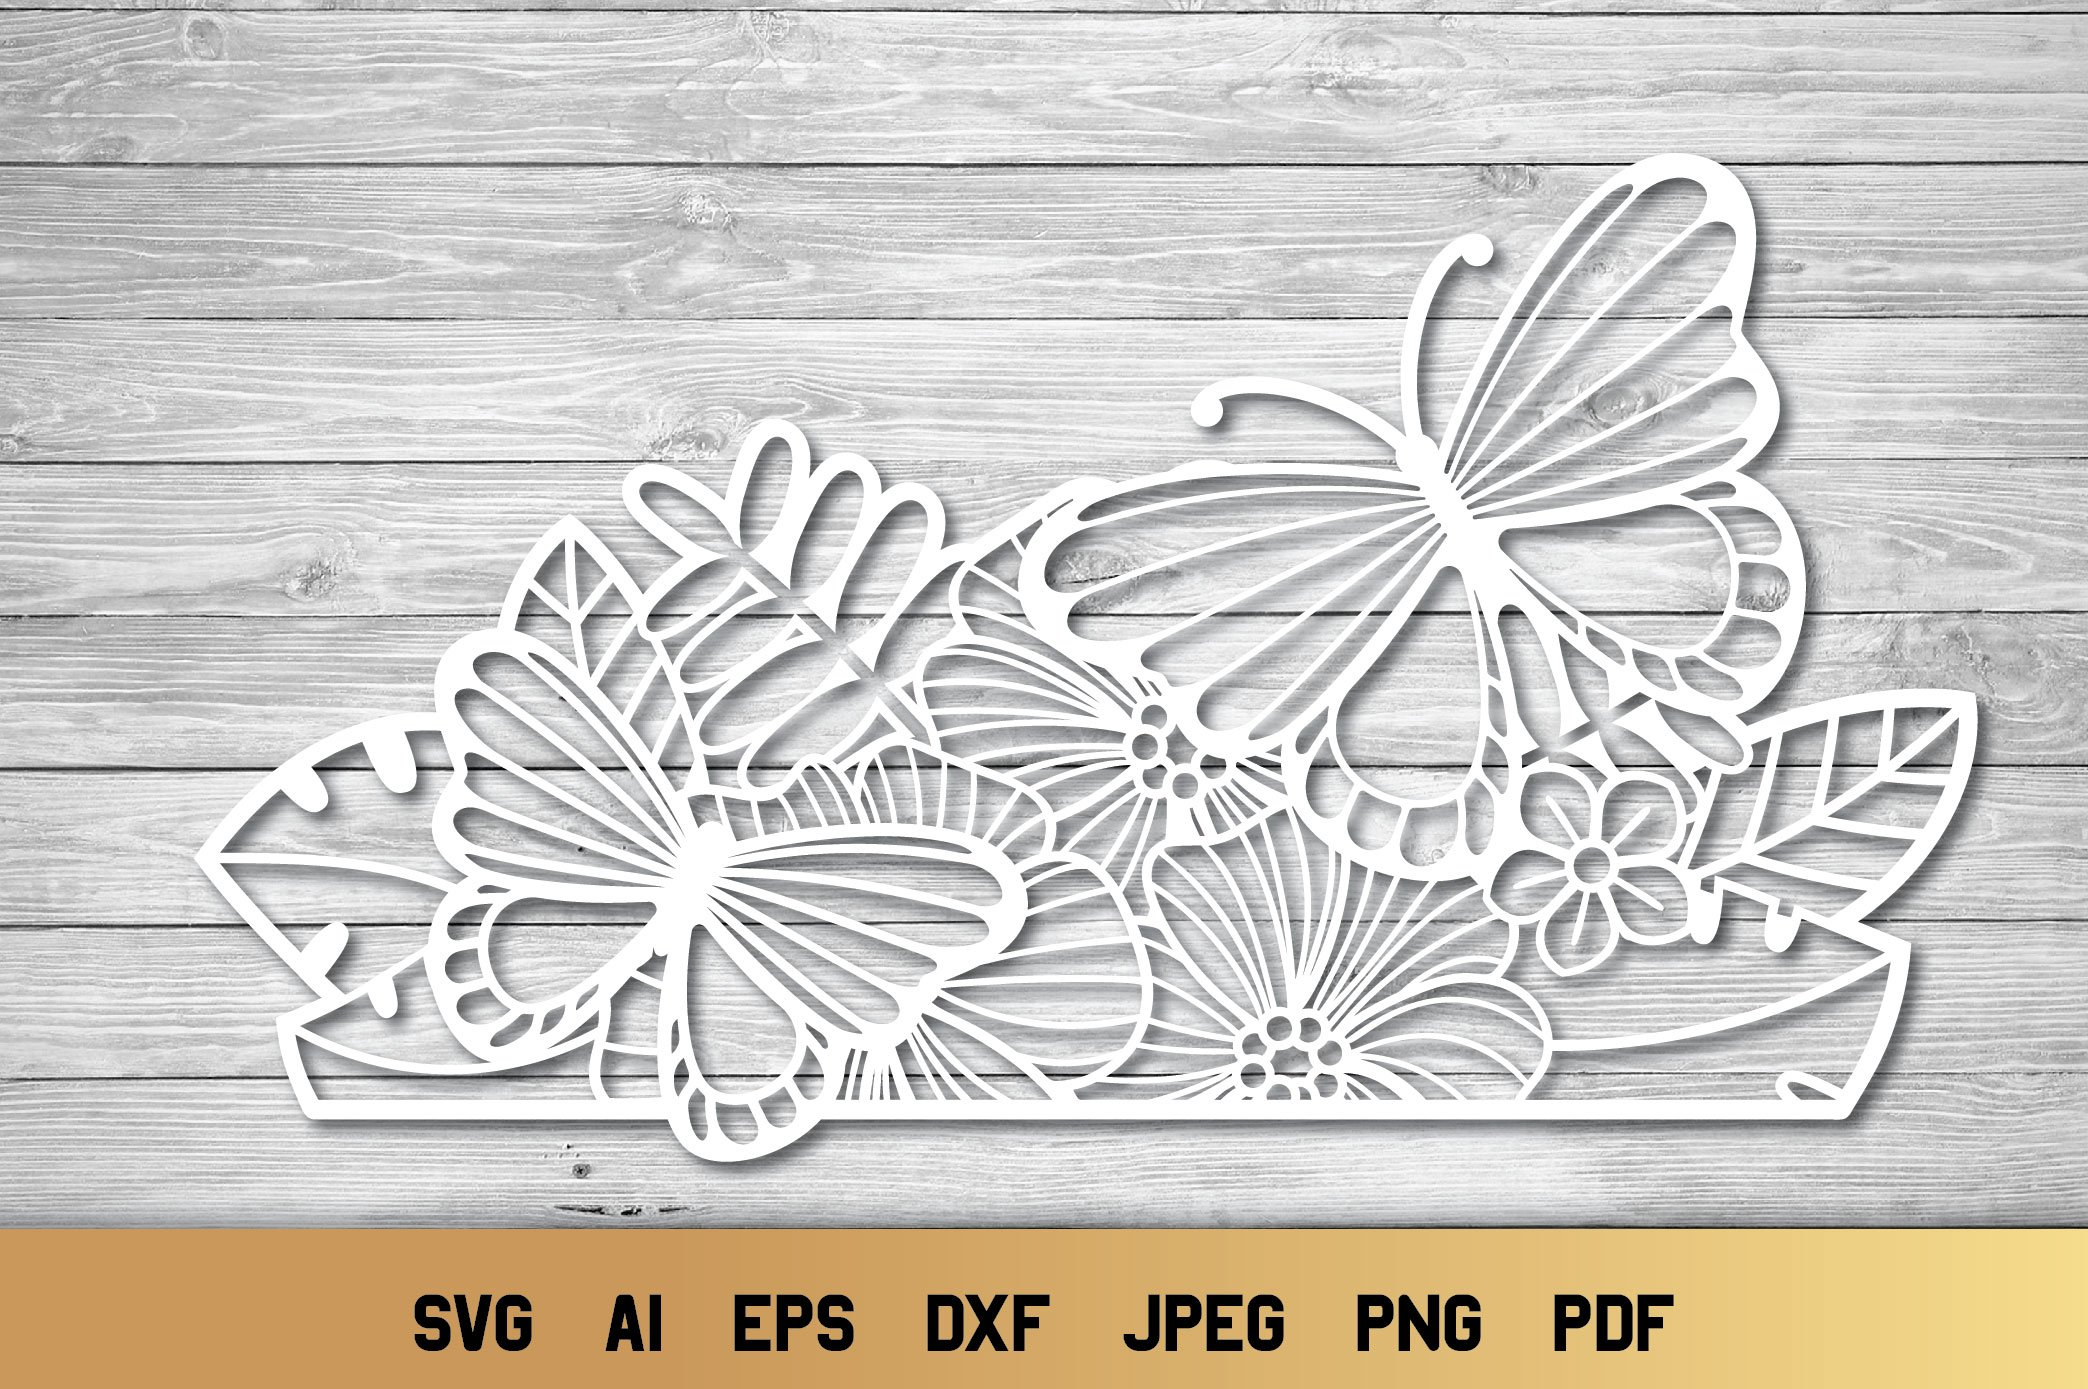 Split Monogram SVG | Floral SVG | Butterfly SVG | Summer SVG example image 3